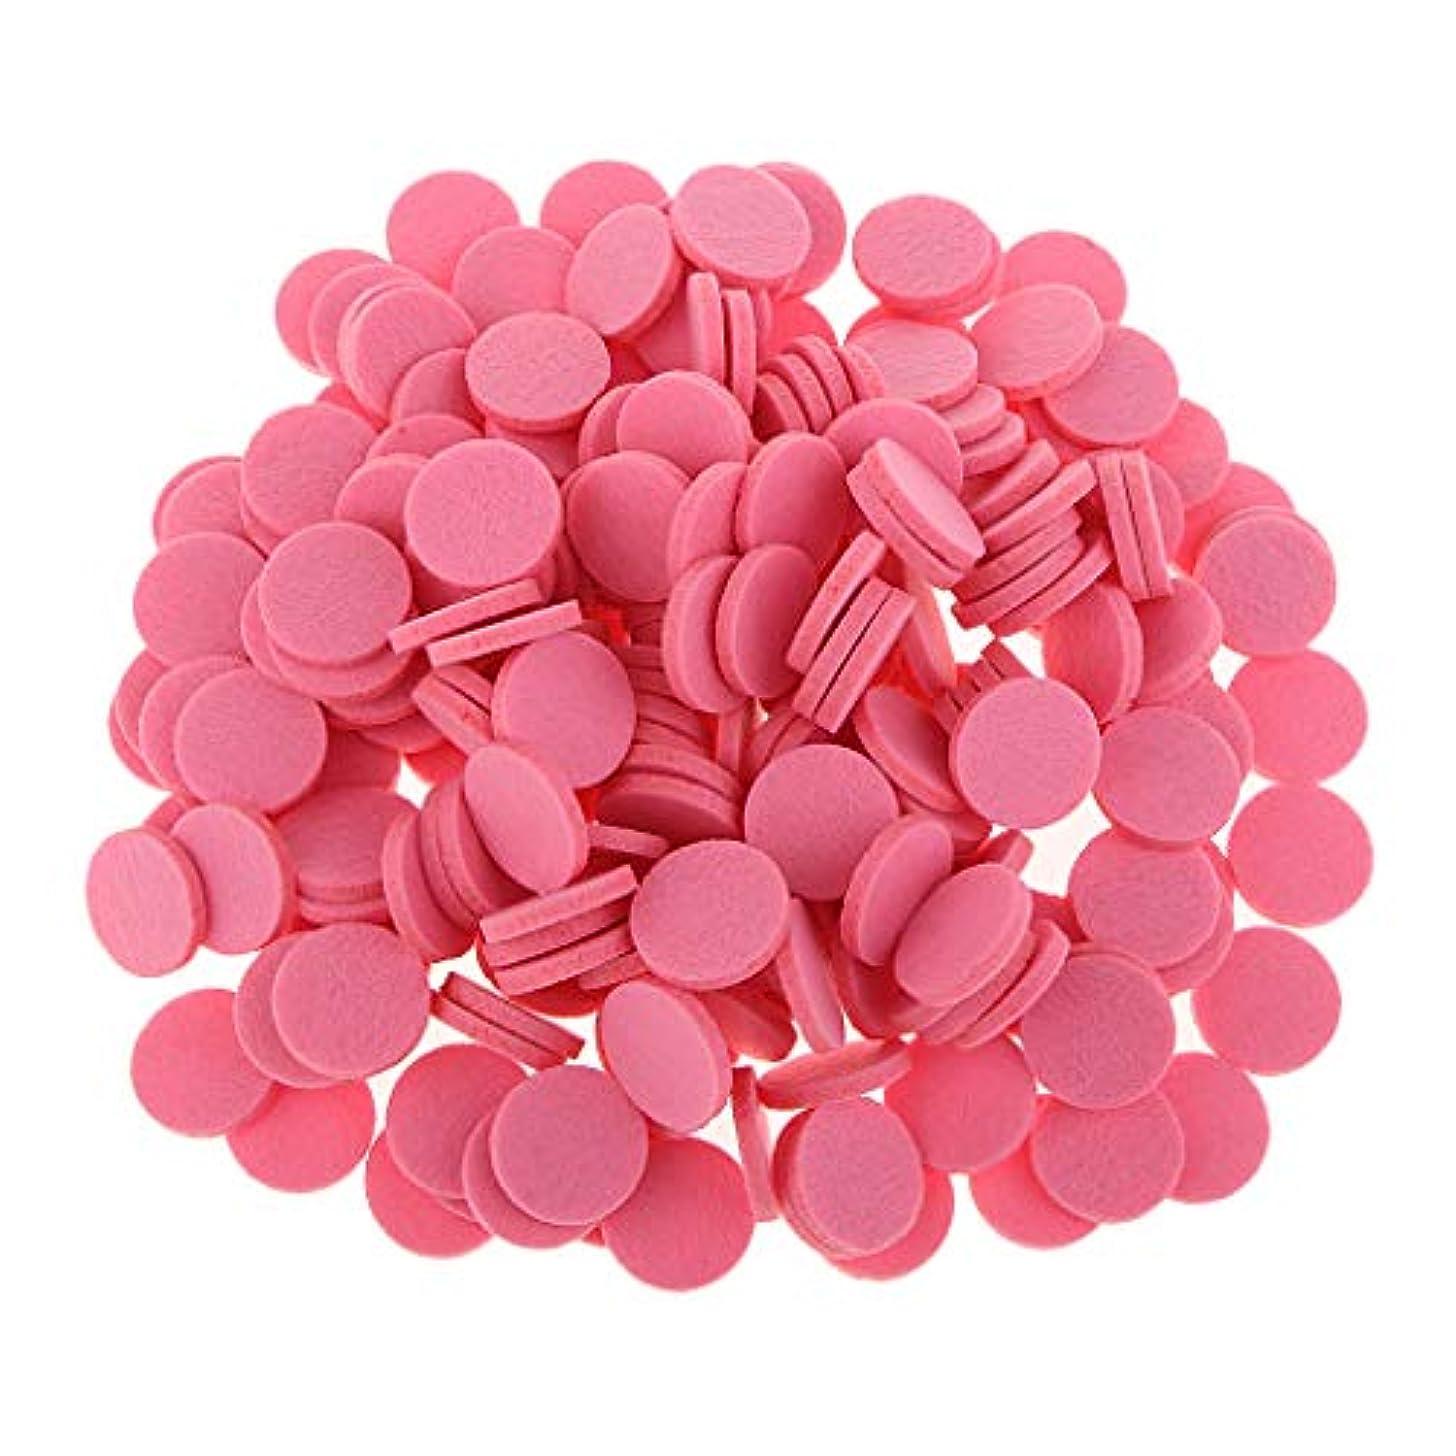 失業者福祉紀元前アロマセラピー エッセンシャルオイル ディフューザー パッド 詰替パッド 吸収性 洗える 全11色 - ピンク